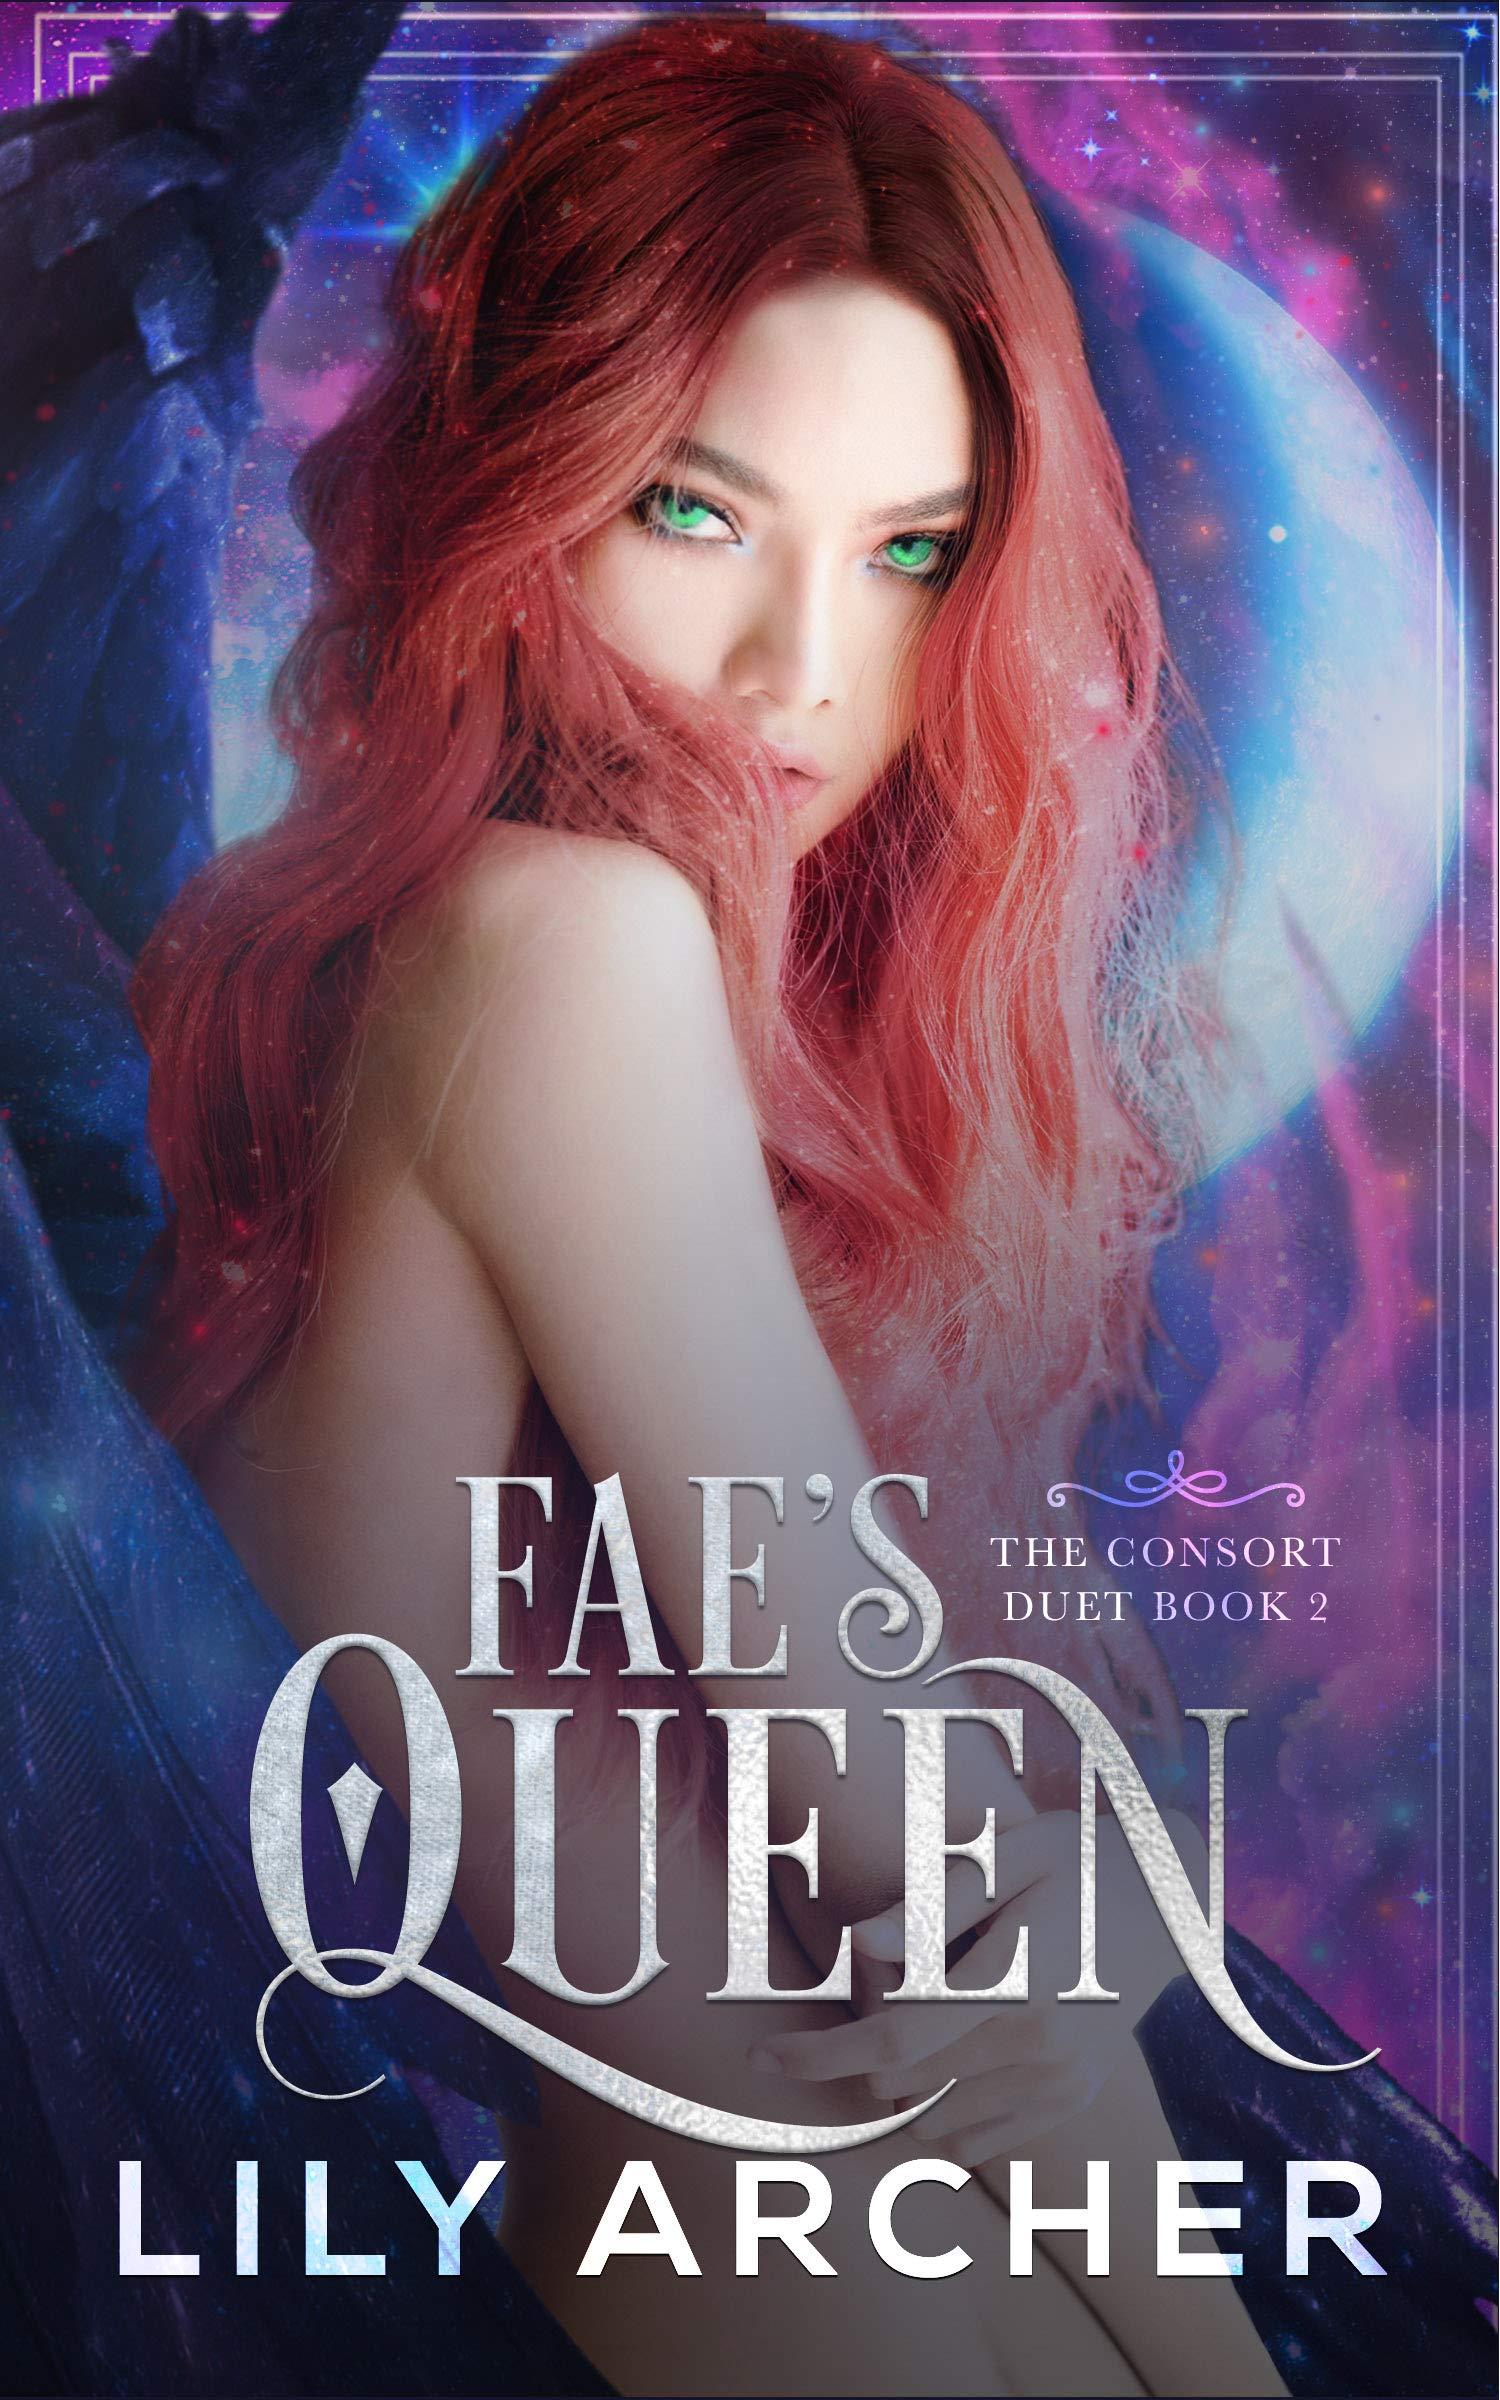 Fae's Queen (The Consort Duet, #2)